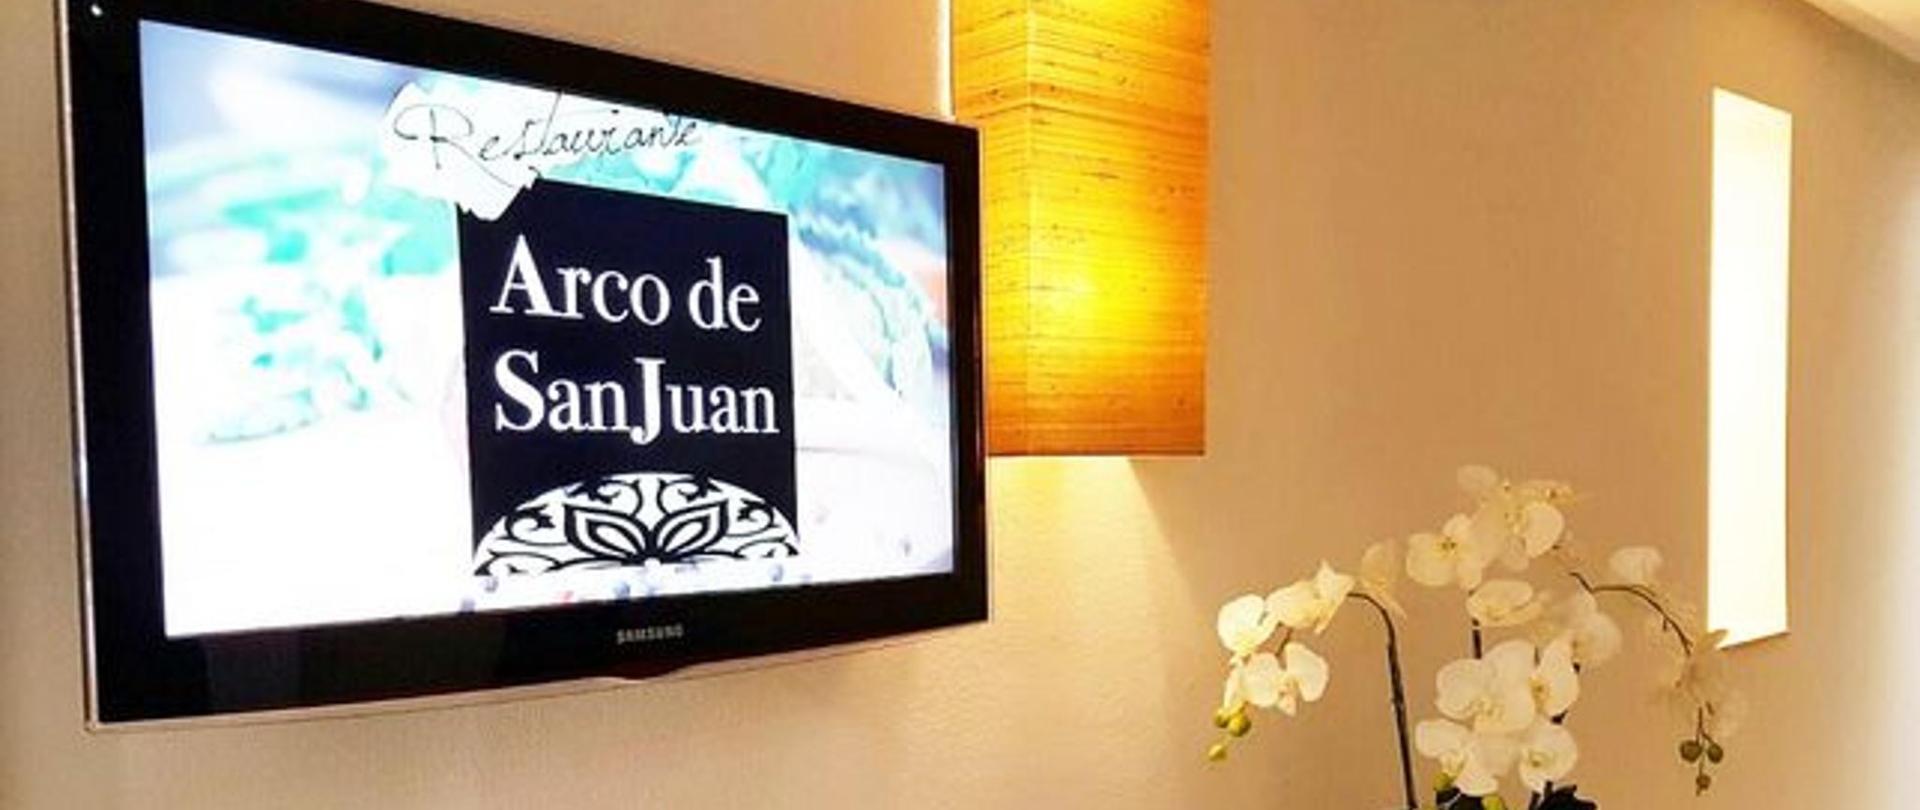 Restaurante-Arco-San-Juan_EDIIMA20180504_0273_4.jpg